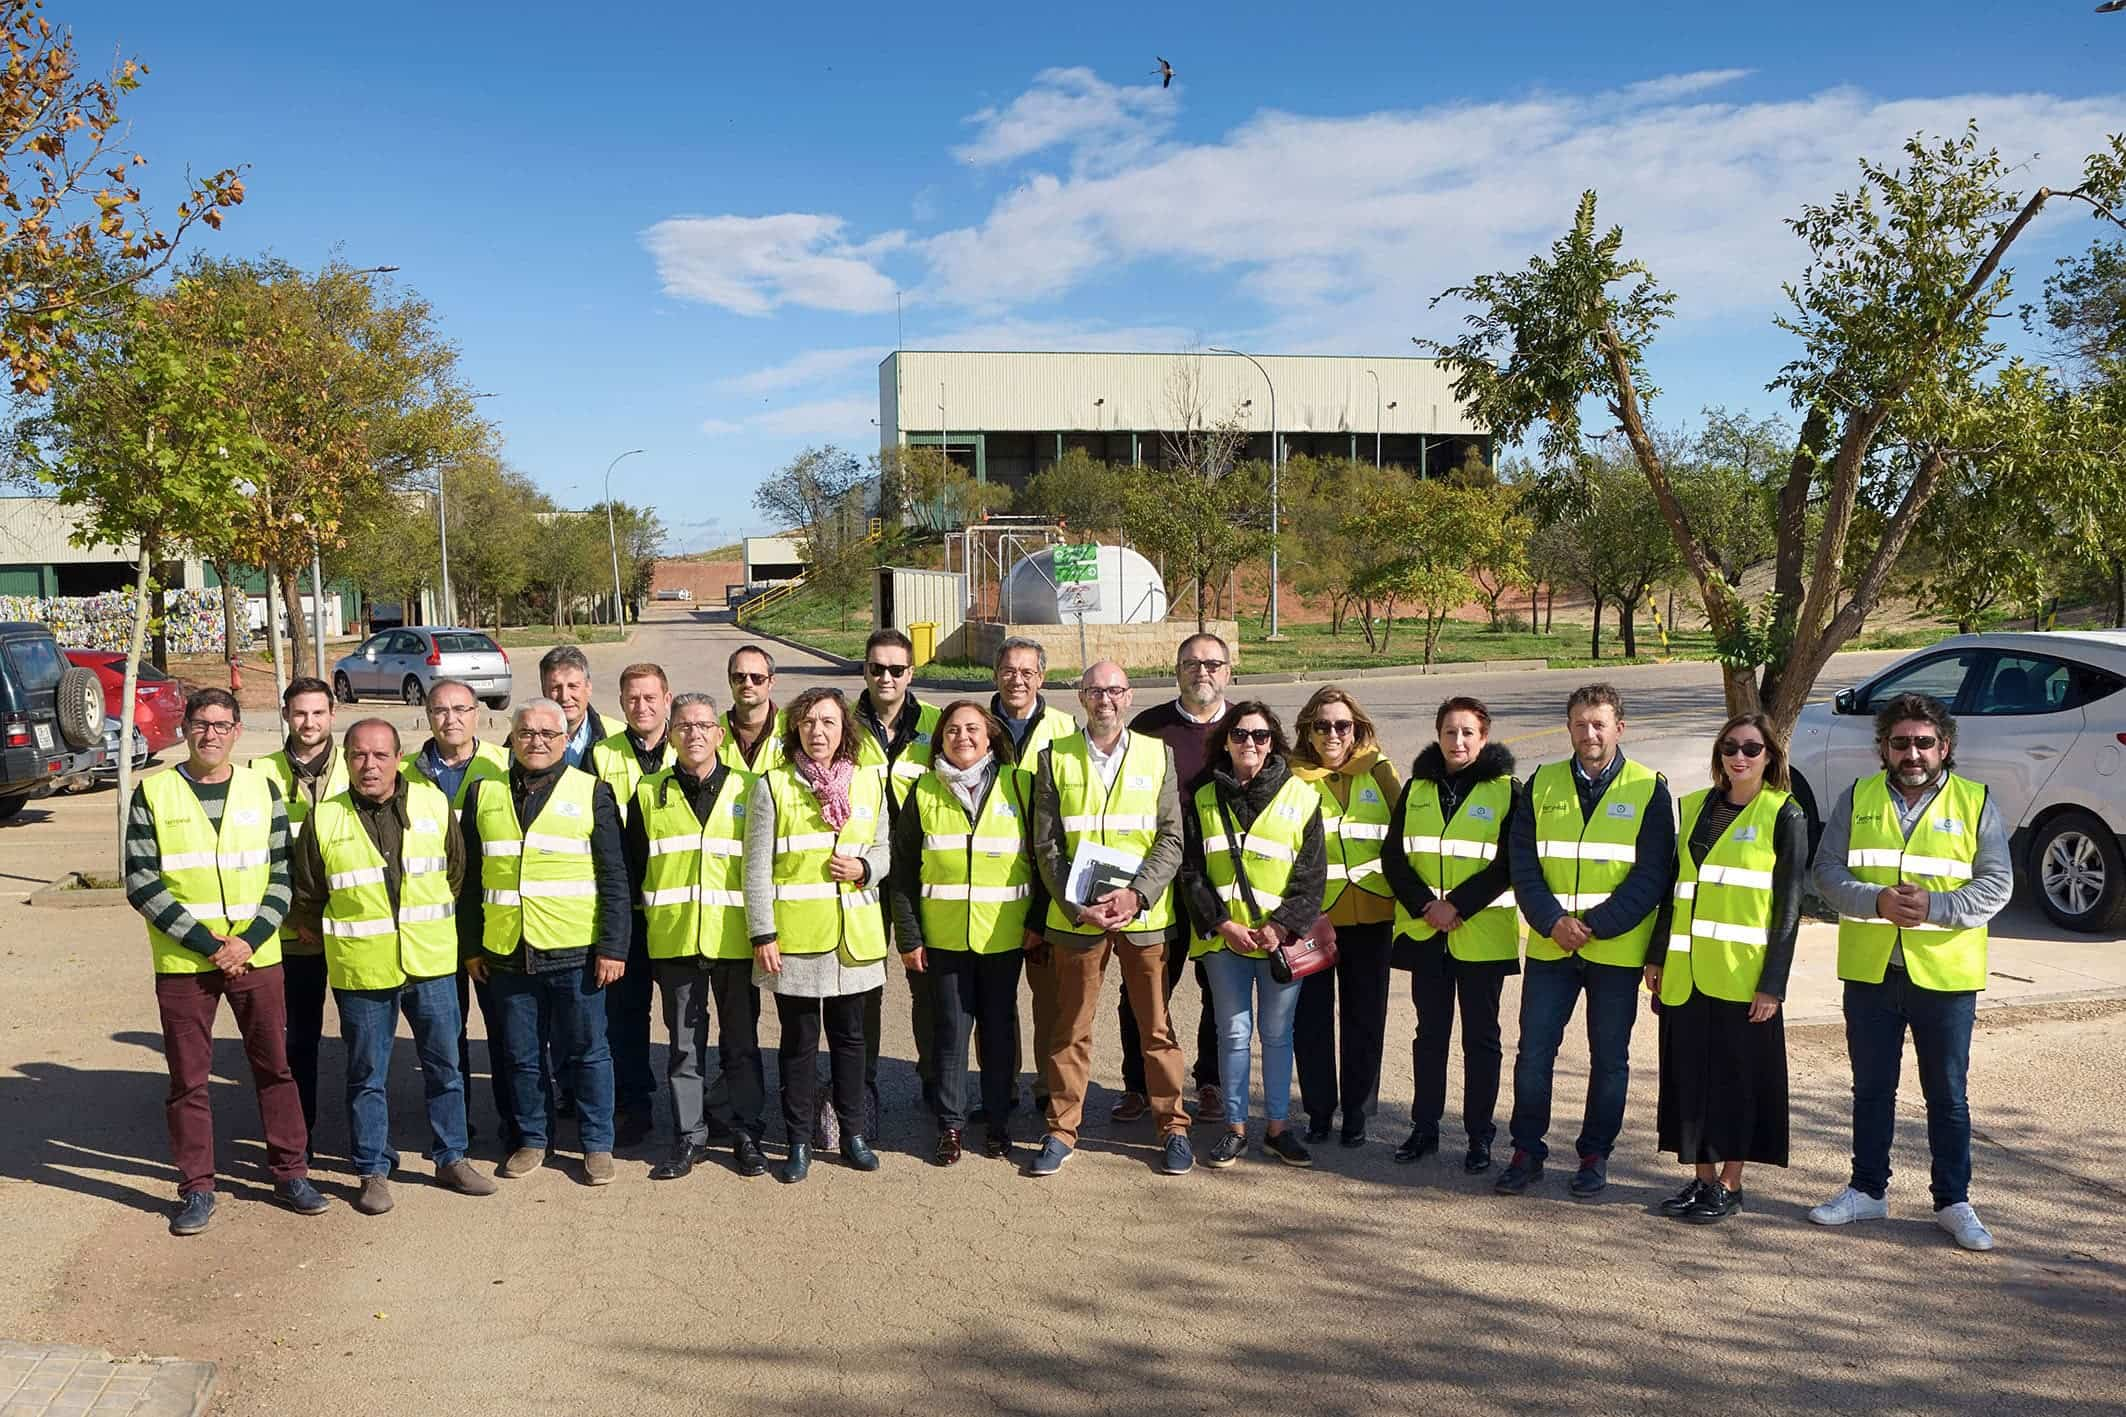 La Corporación de Comsermancha visita la planta de RSU 9